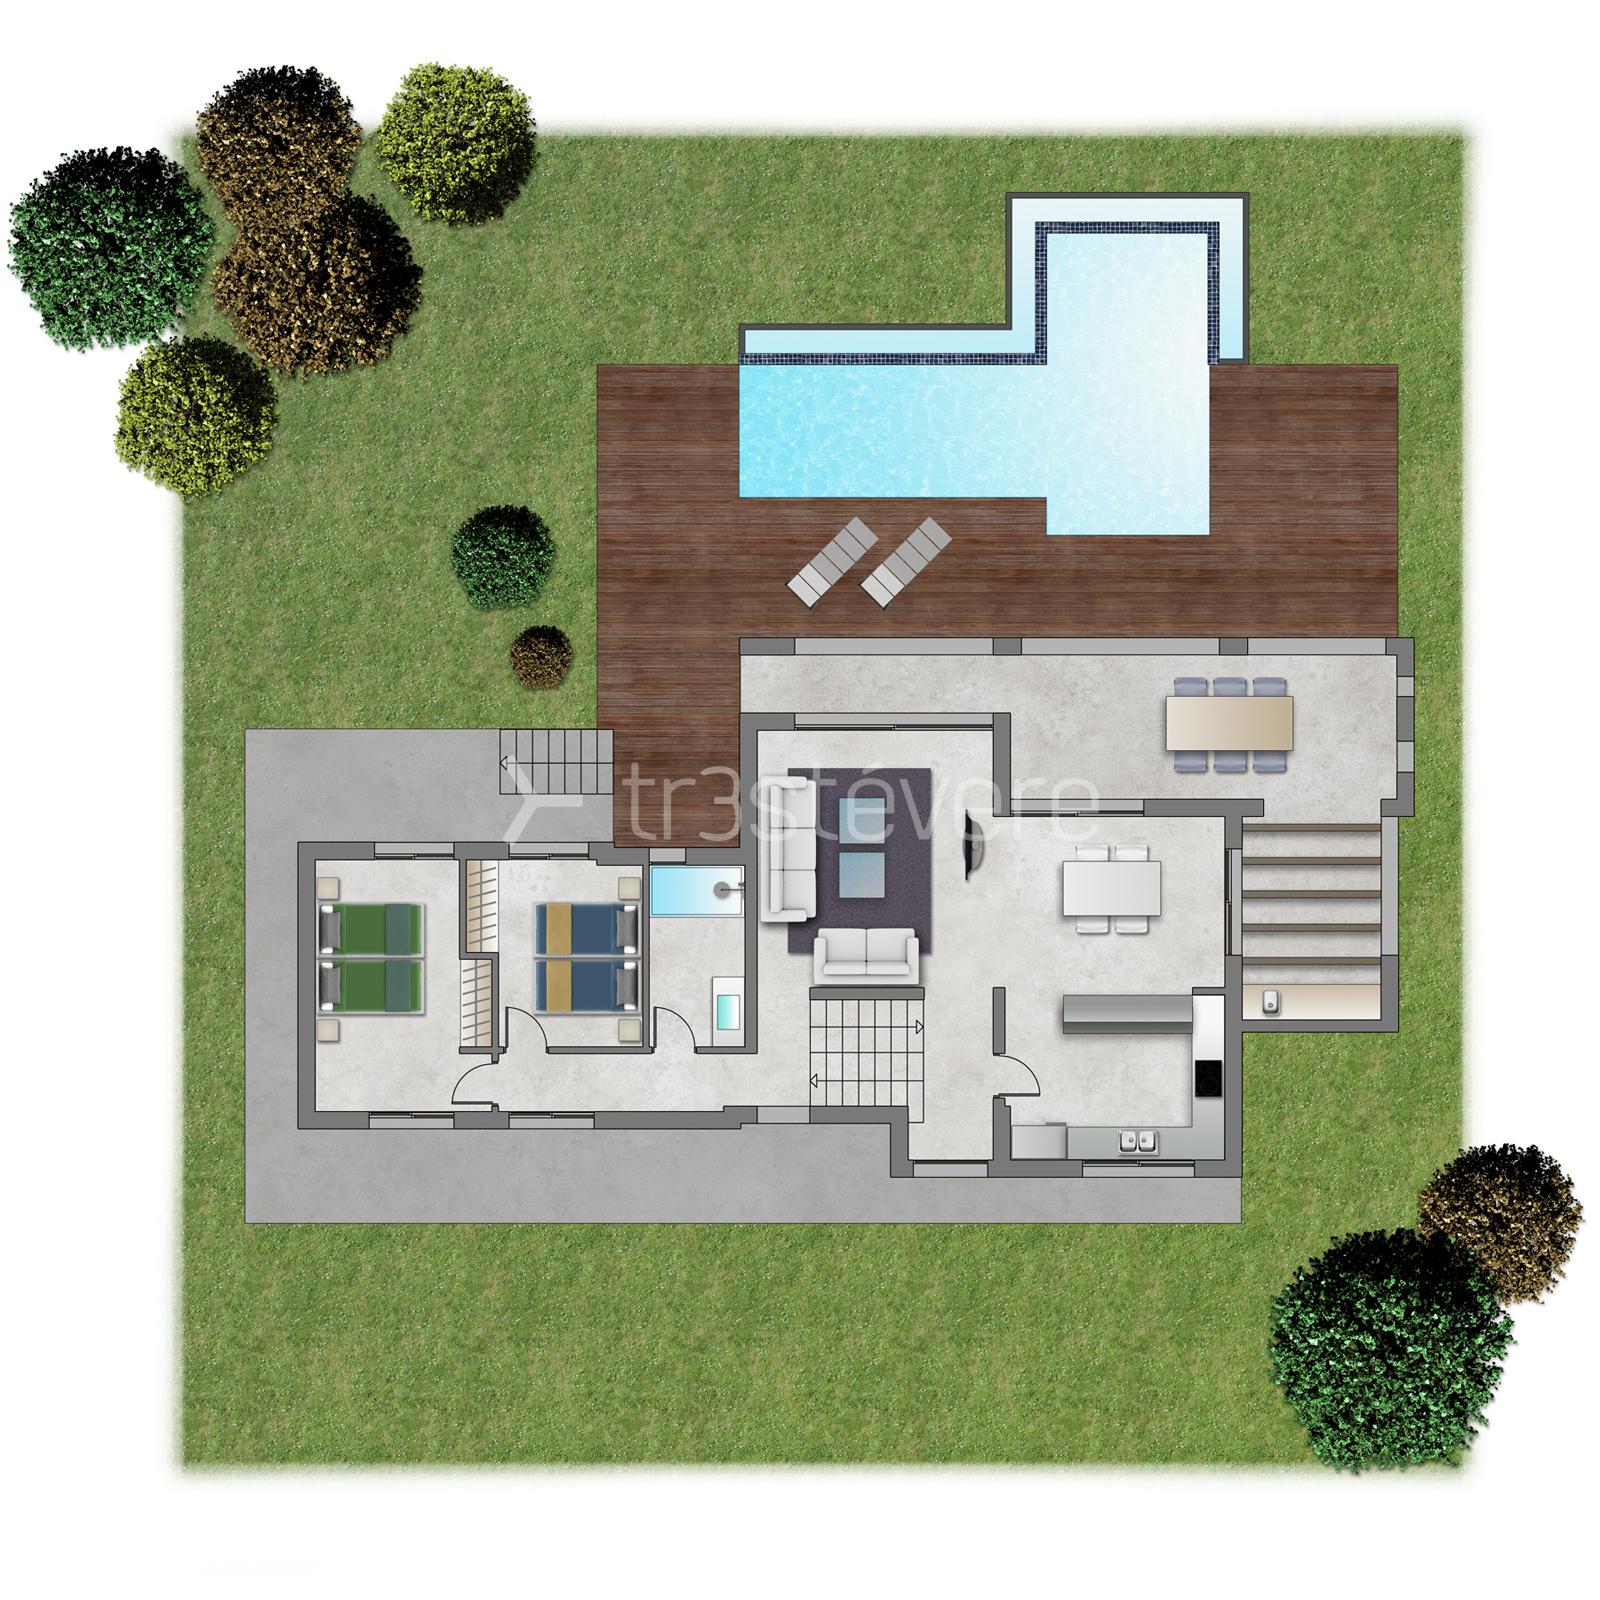 Planos arquitect nicos trest vere infografia 3d for Dibujos de muebles para planos arquitectonicos